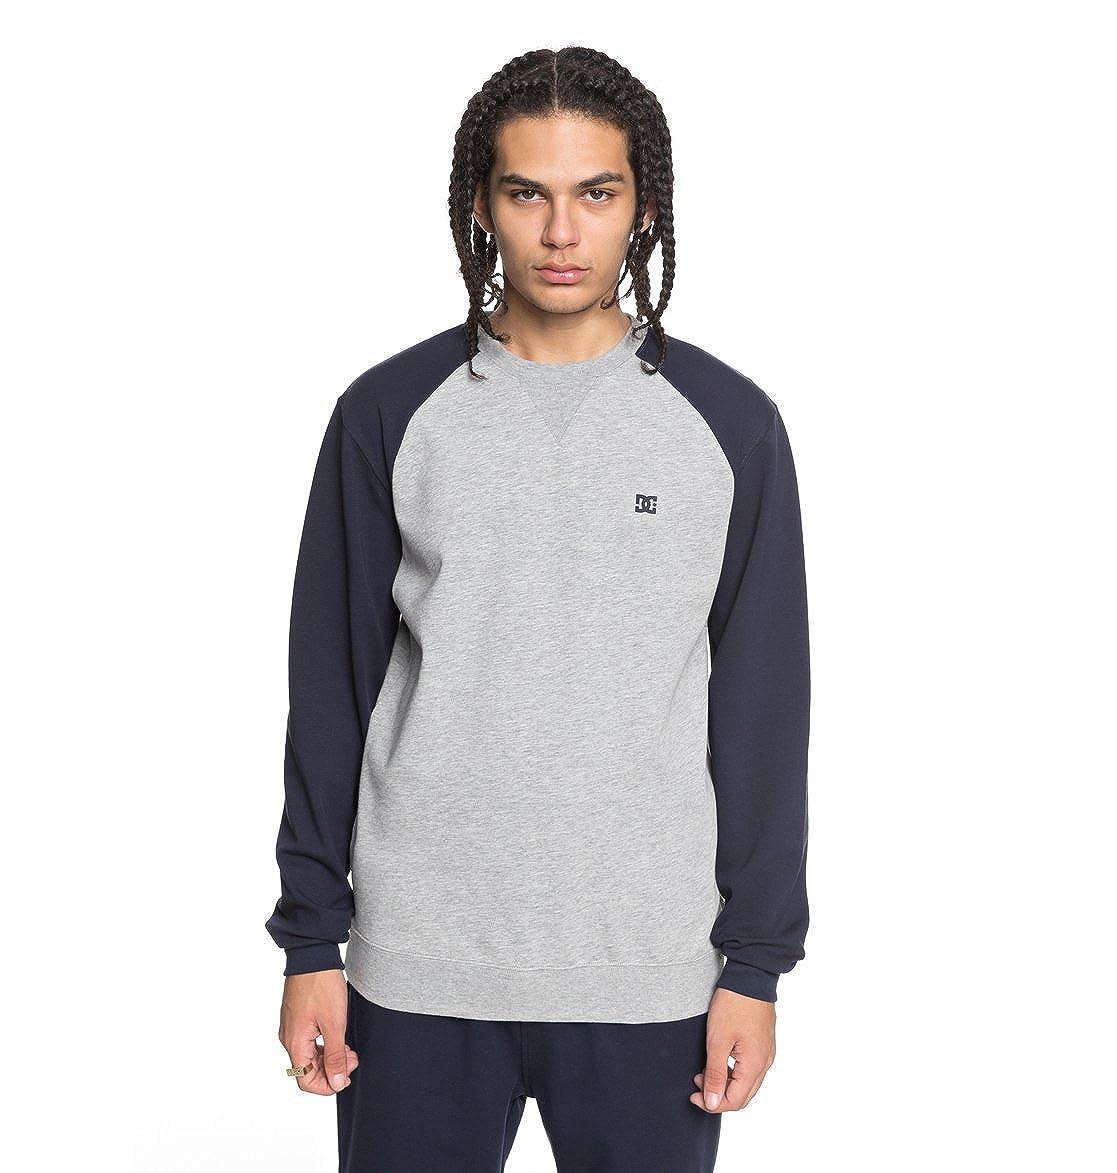 DC Schuhes Glenties - Sweatshirt für Männer EDYFT03358